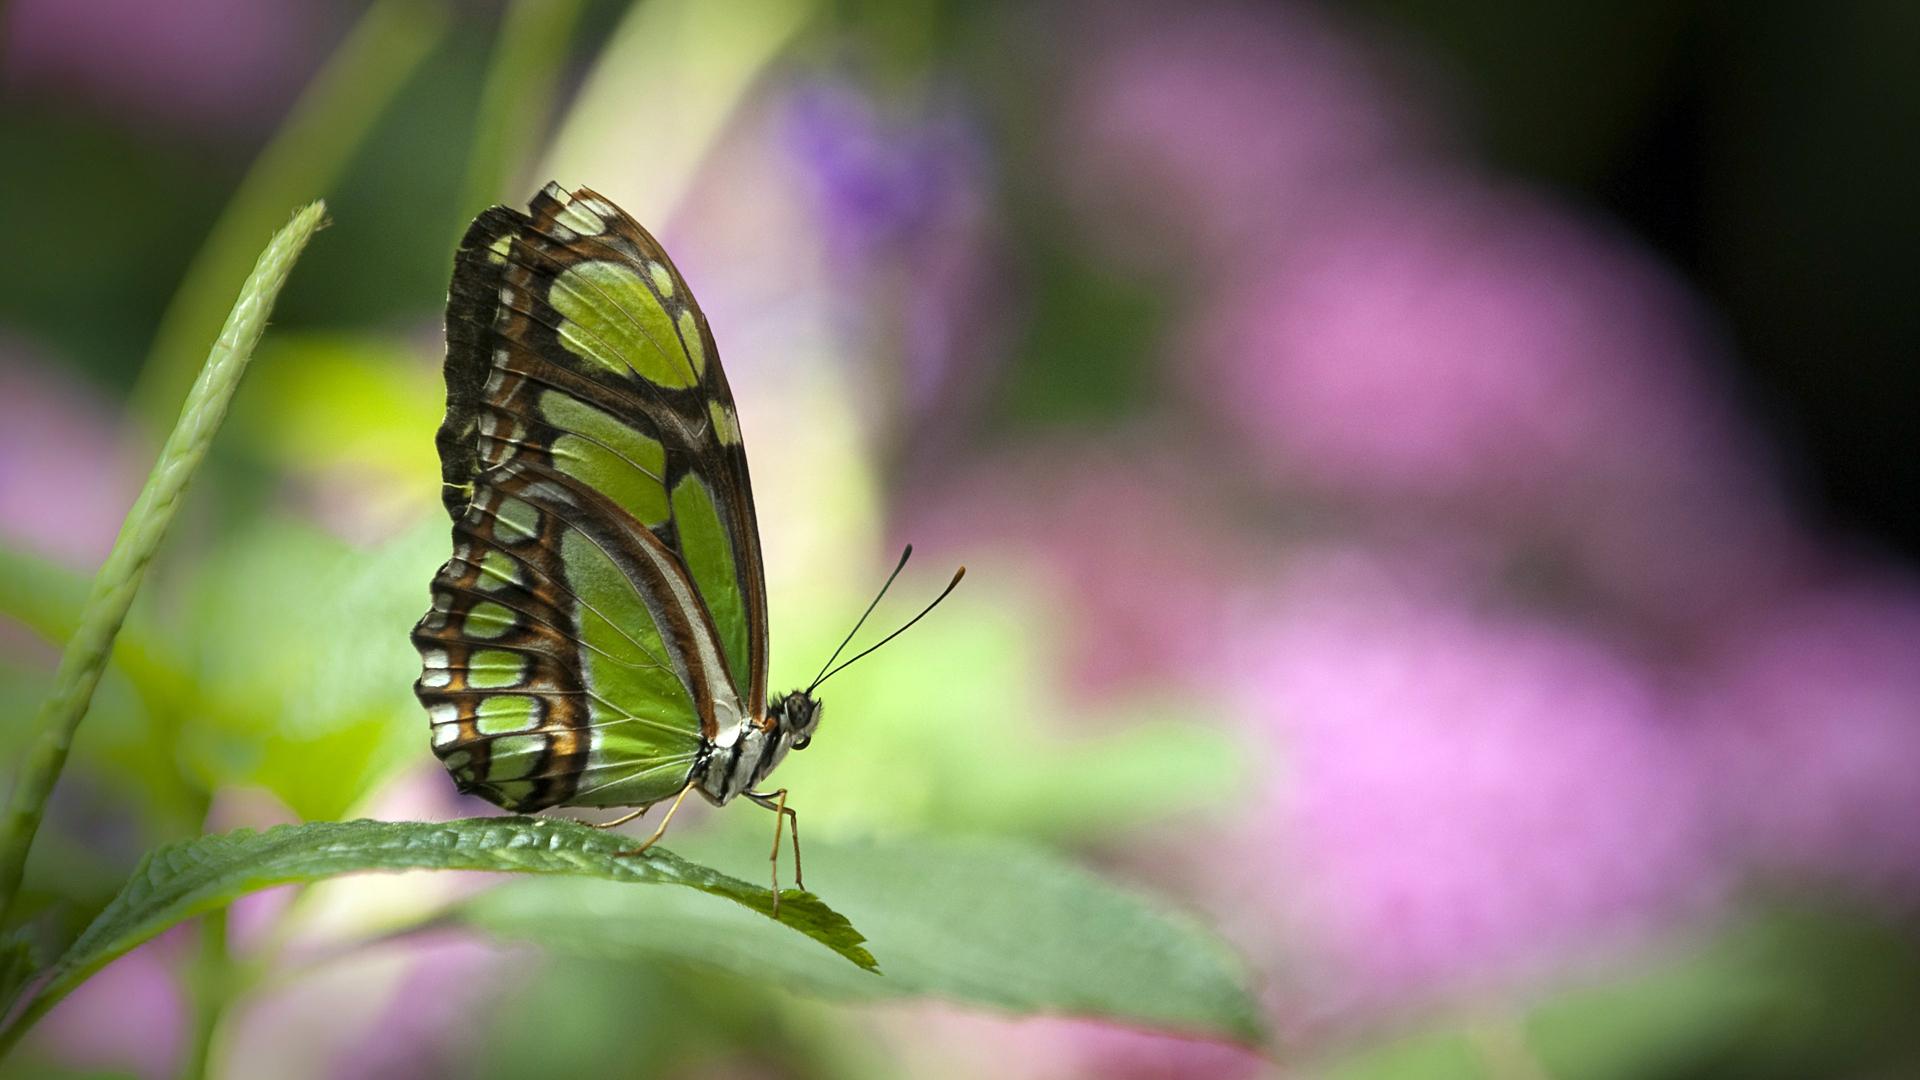 19031 скачать обои Бабочки, Насекомые - заставки и картинки бесплатно